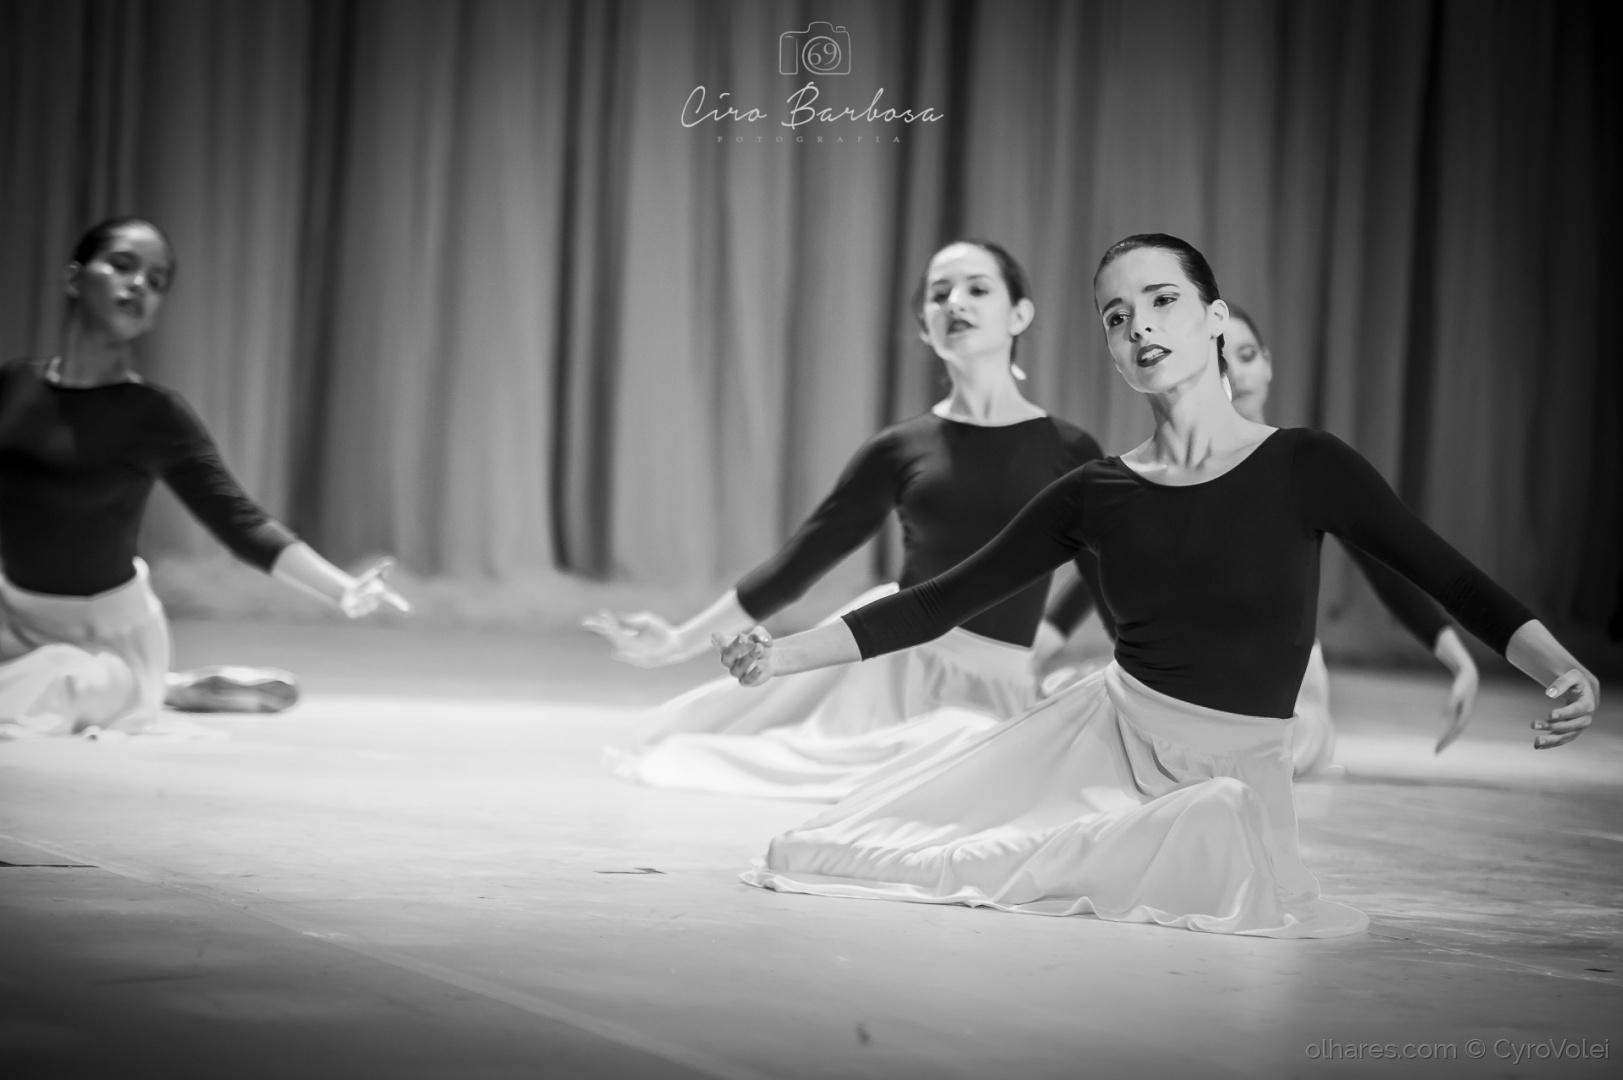 Espetáculos/ballet, emilia vasconcelos